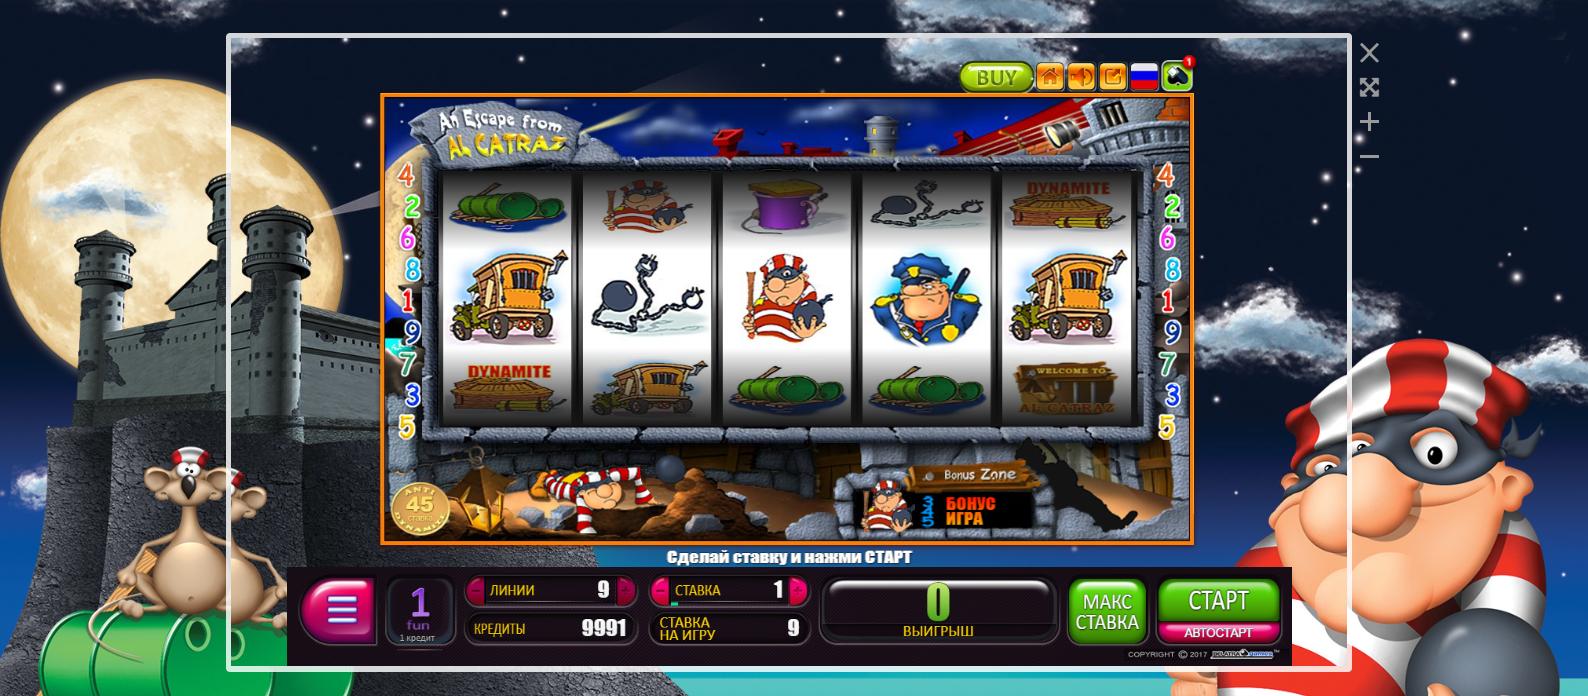 Эверум казино - лучшее место для досуга